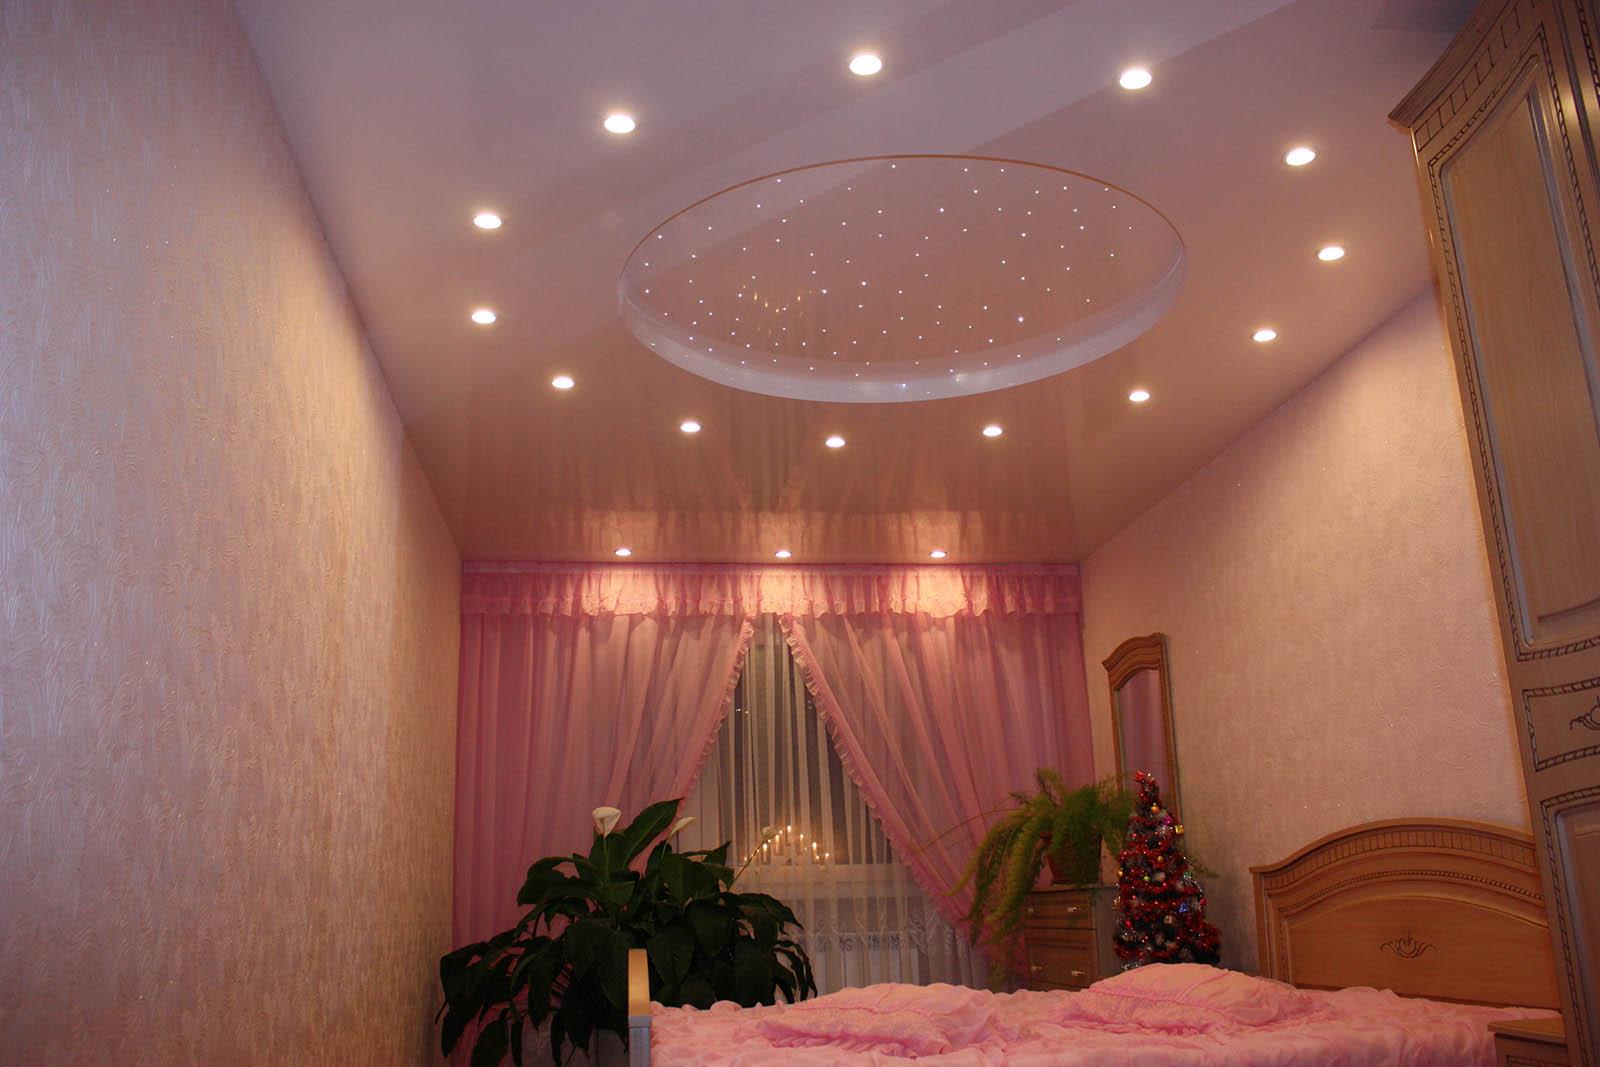 1510841972 img 2901 - Популярные схемы расположения светильников